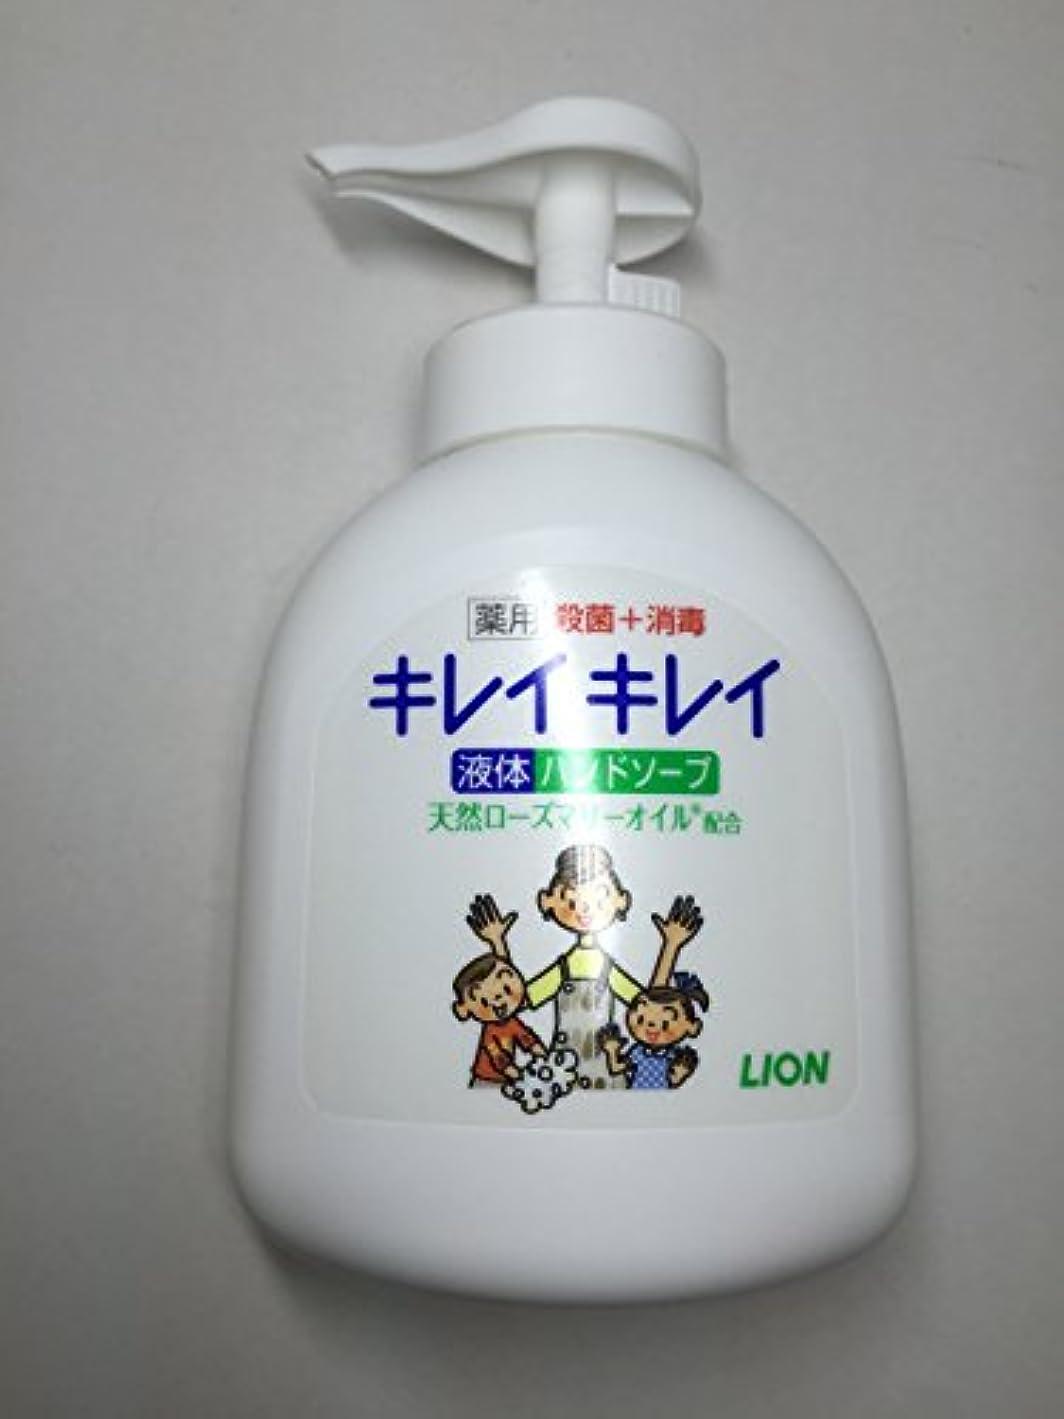 教える抵抗商品(お買得)キレイキレイ 薬用 液体ハンドソープ 本体 (250ml) ライオン